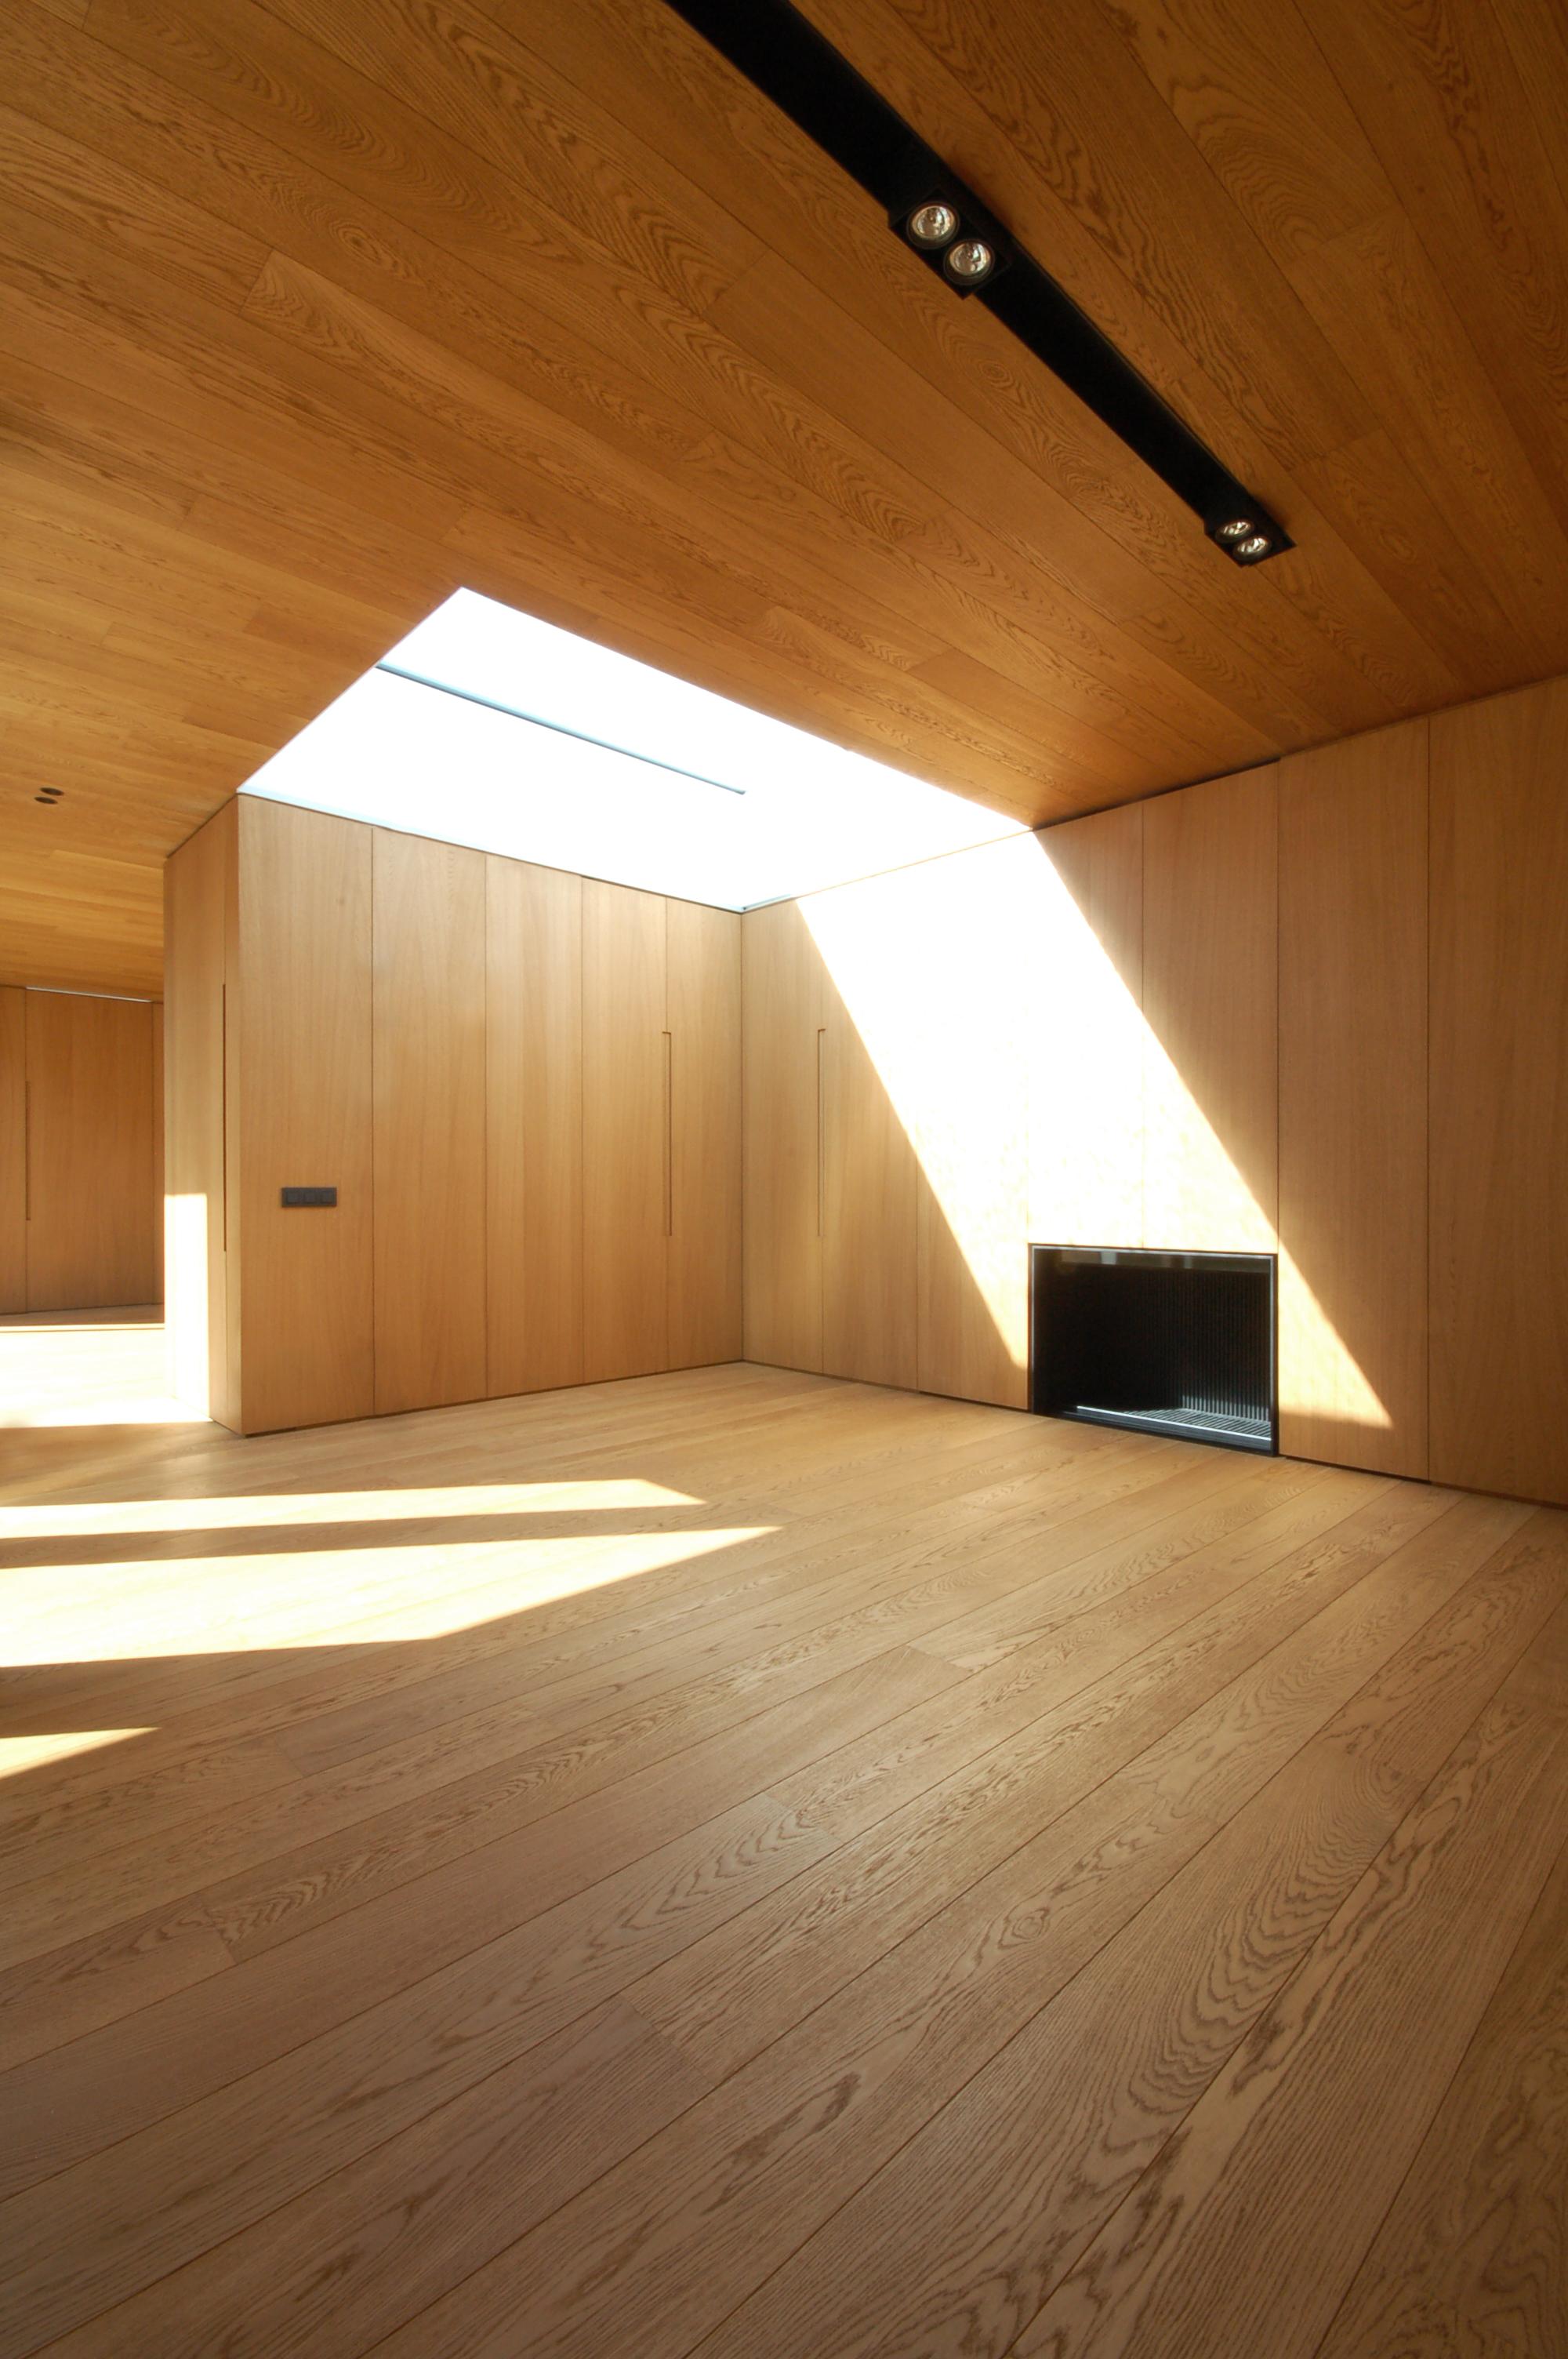 demeestervliegen-architecture-interior-interiorarchitecture-office9.JPG